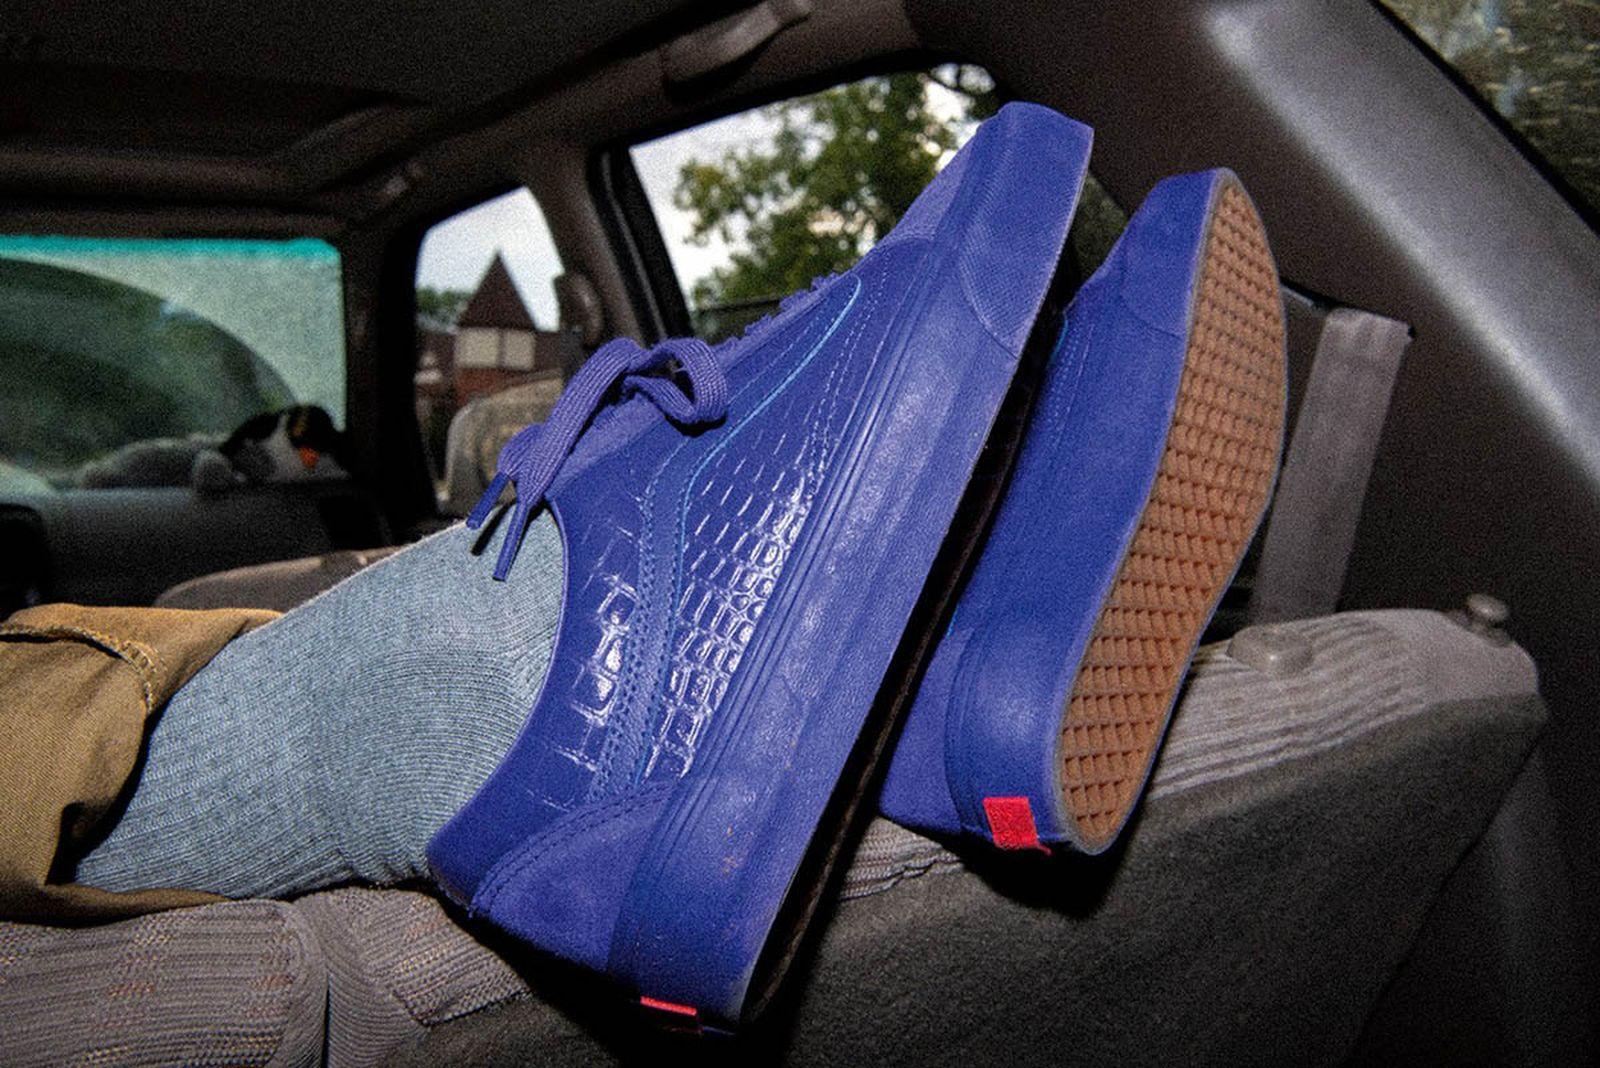 vans-old-skool-croc-skin-release-date-price-04